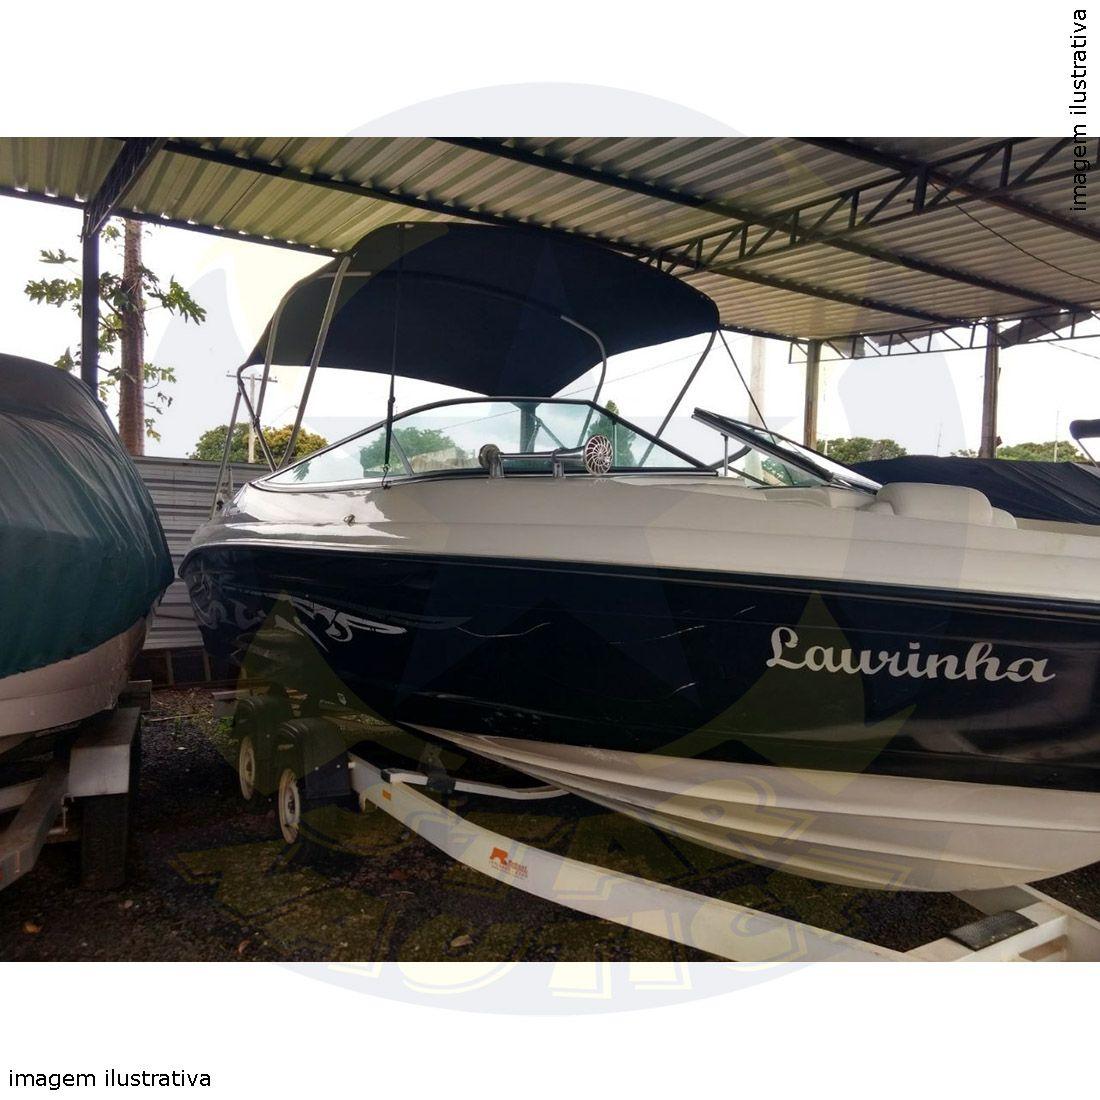 Capota Toldo Lancha FS 210 Poliéster 3 Arcos Tubo 1 1/4